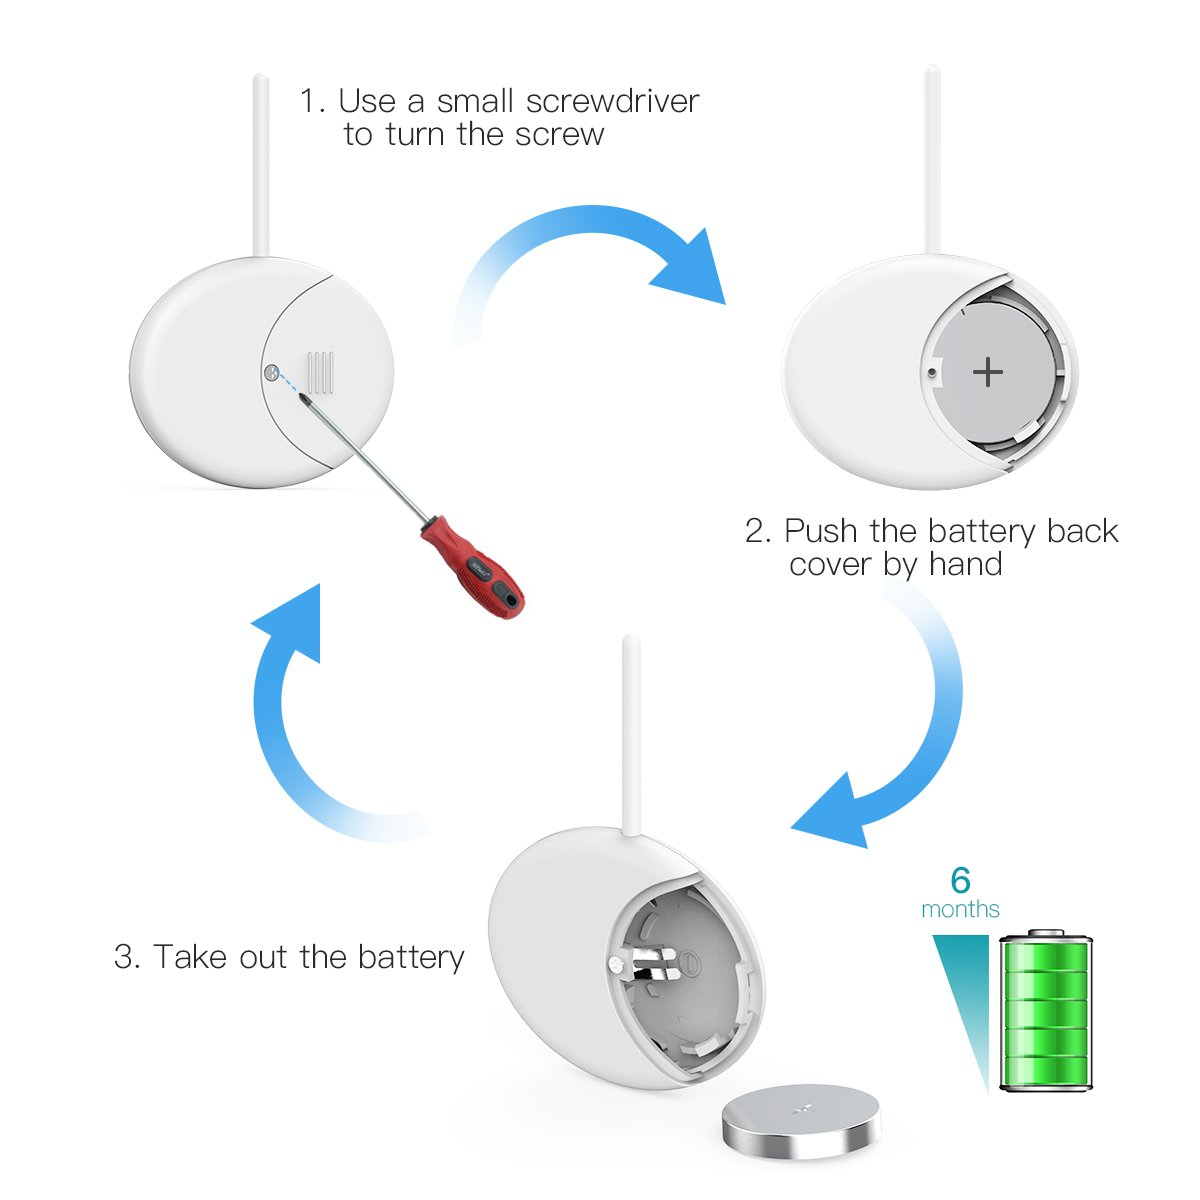 Koogeek Smart Baby Thermom/ètre Connect/é Patch Surveillance sans fil et continue sans d/éranger le b/éb/é pour les b/éb/é et adultes Blanc